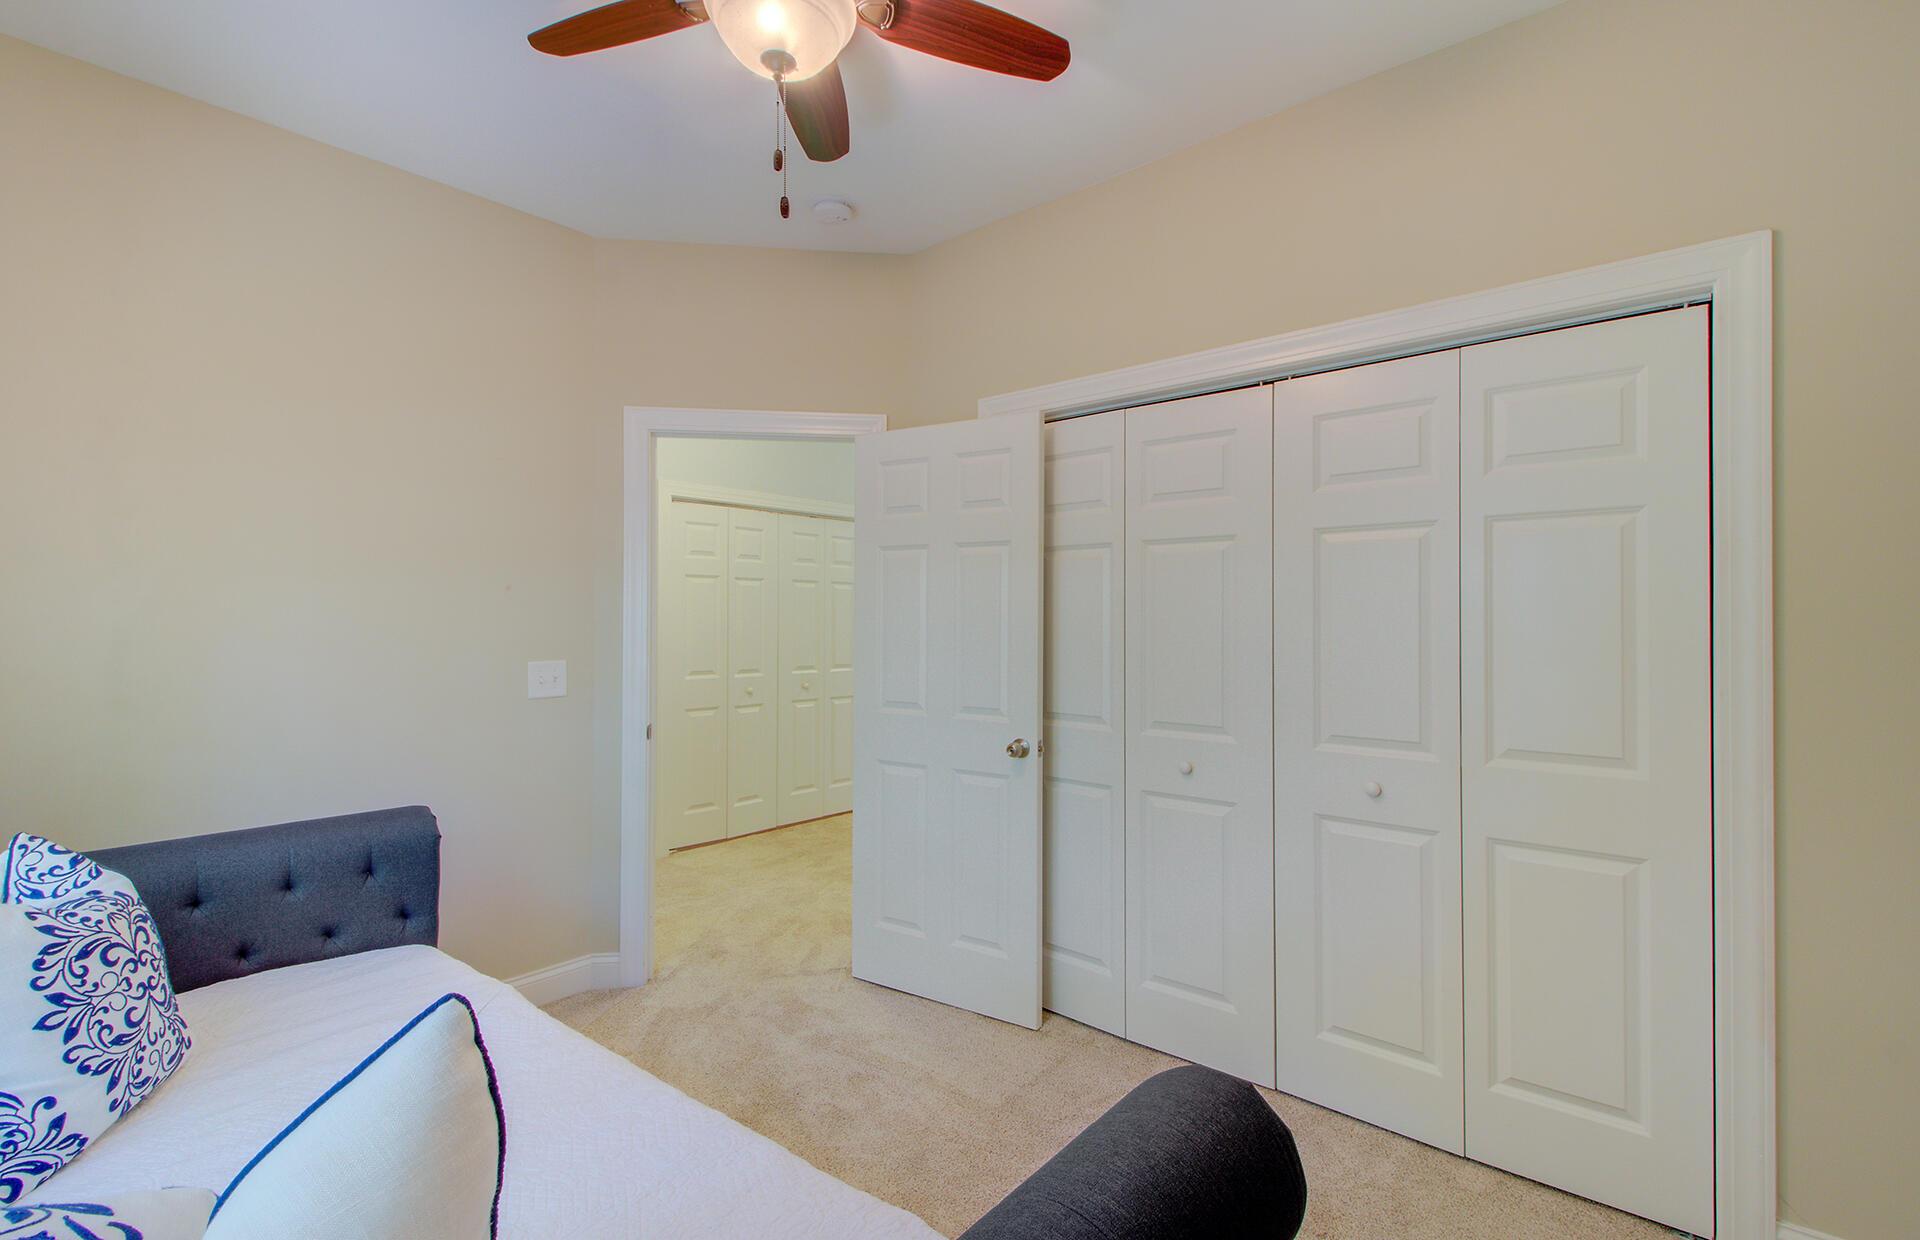 Phillips Park Homes For Sale - 1129 Phillips Park, Mount Pleasant, SC - 41